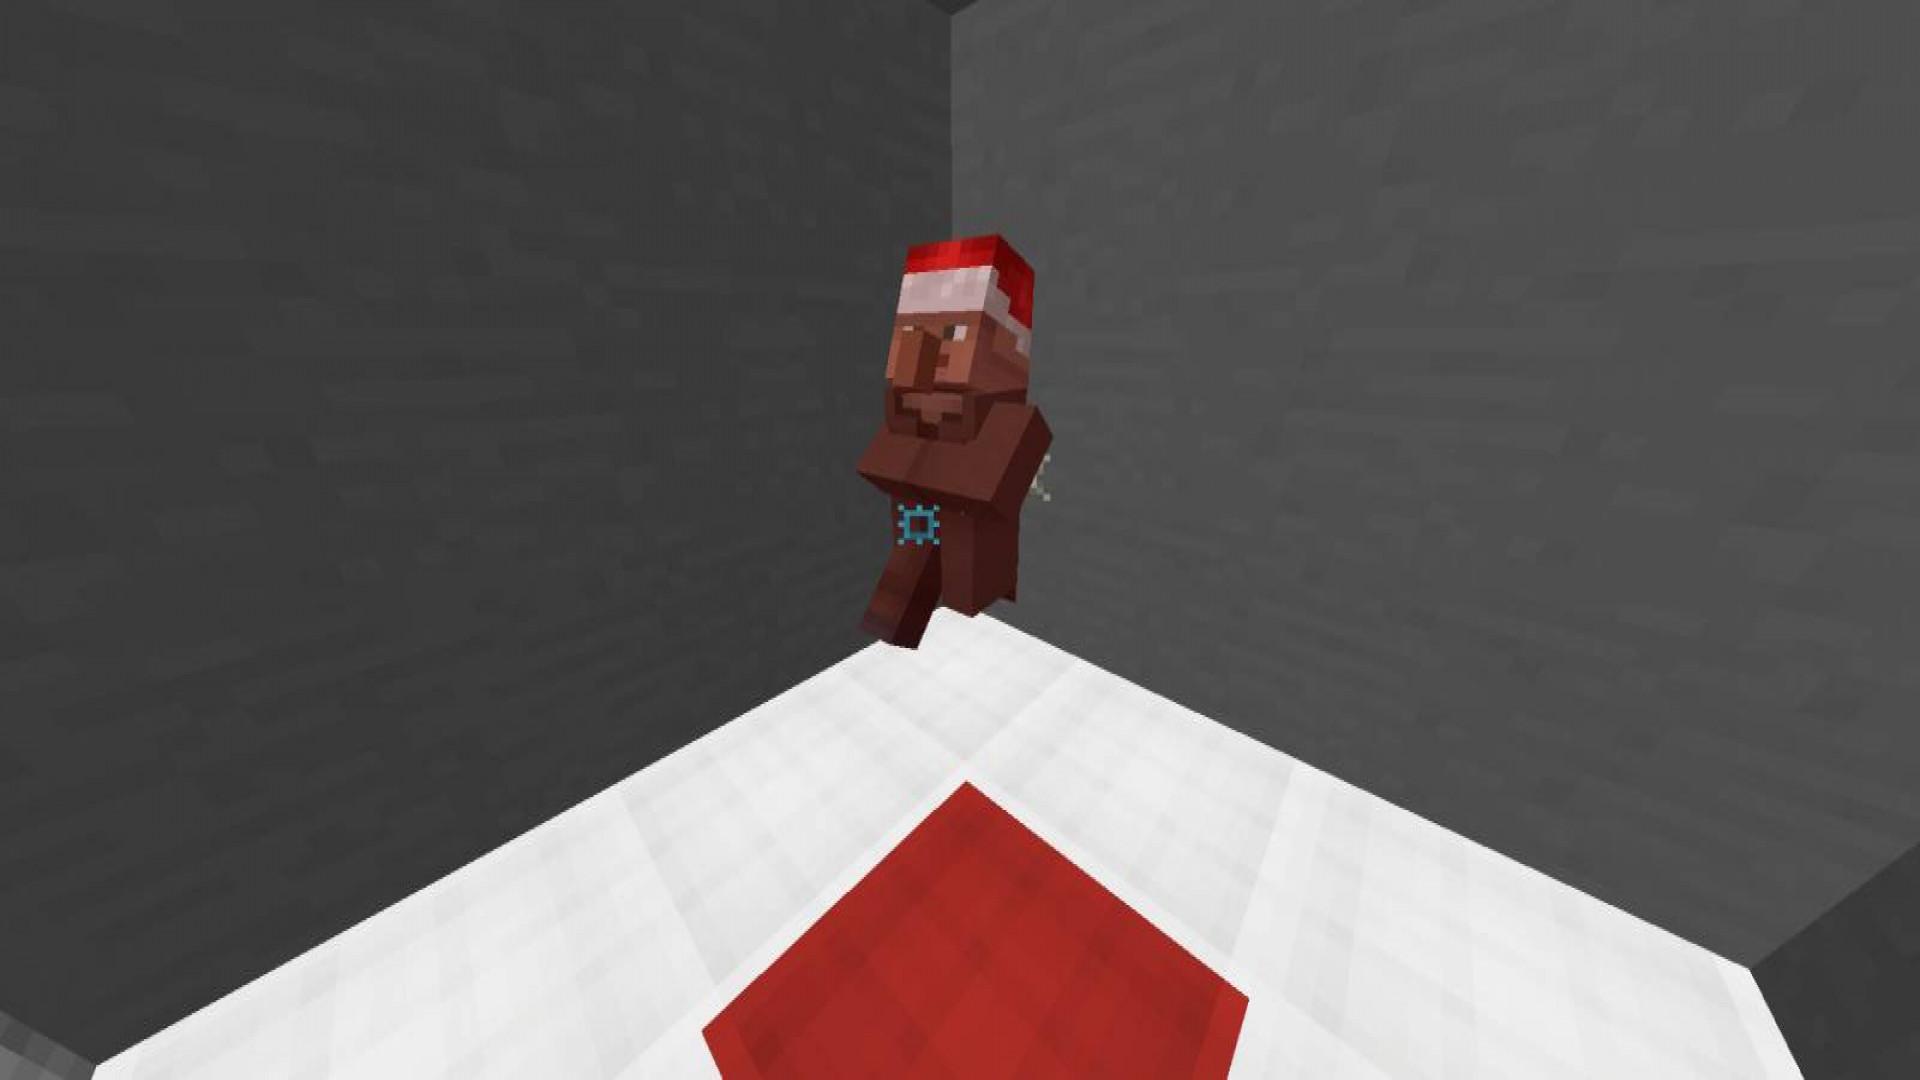 [1.9] Aminos Christmas InFinite 16x